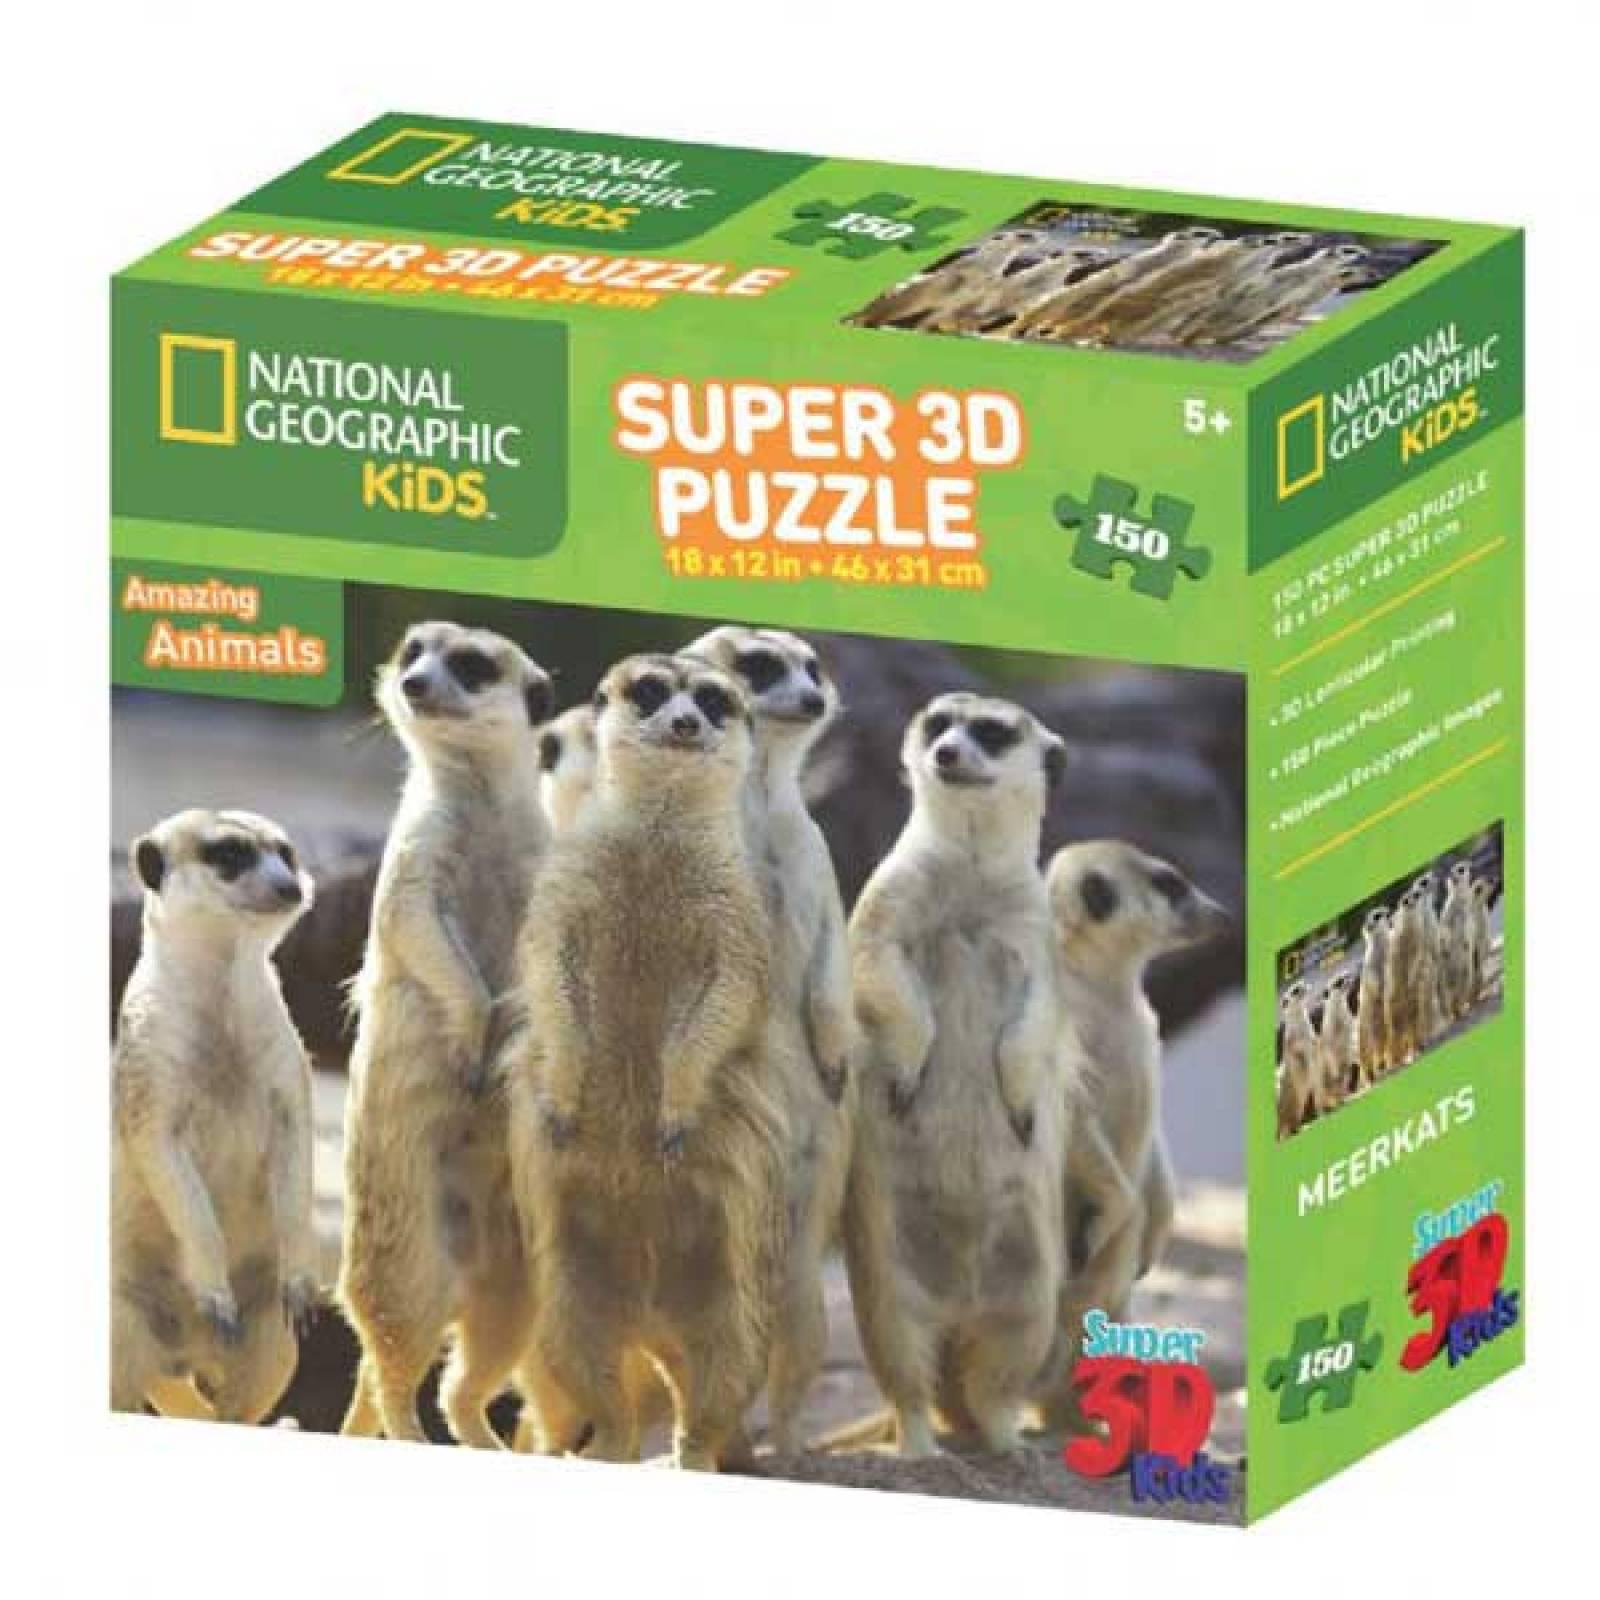 MEERKATS Super 3D Puzzle 150pc 5+